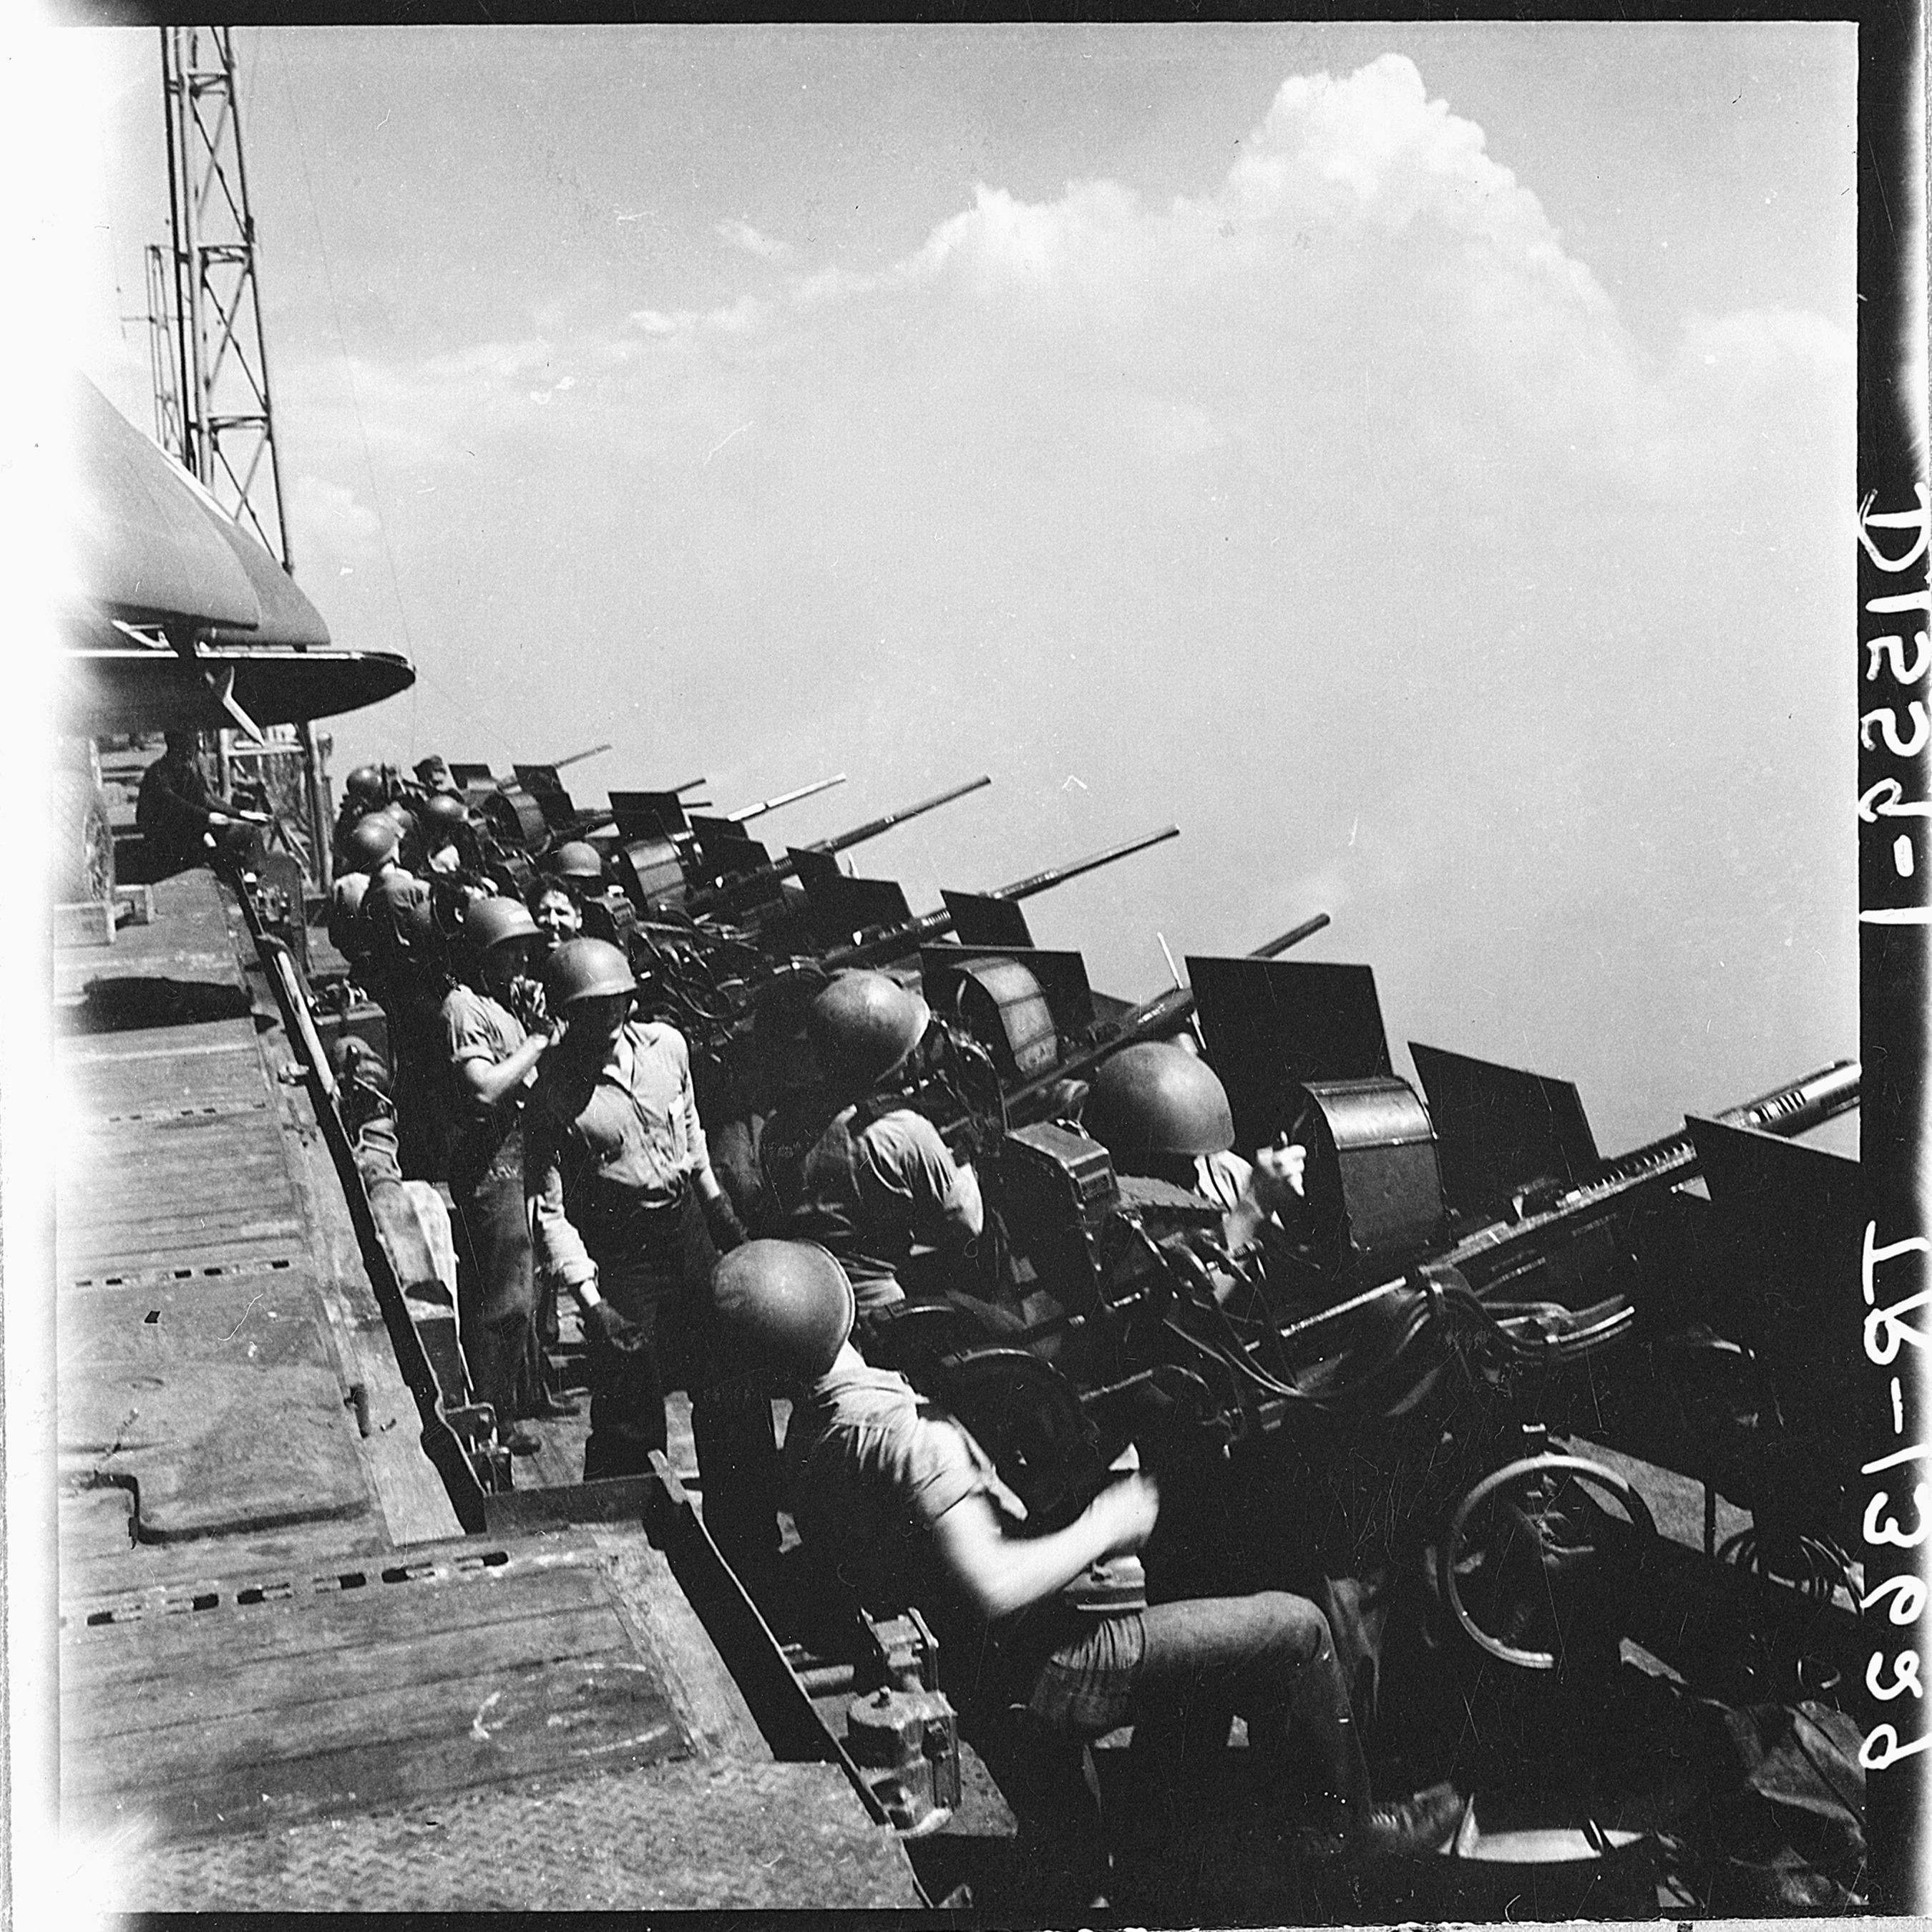 file 20mm gun crews standing by aboard the uss hornet  cv